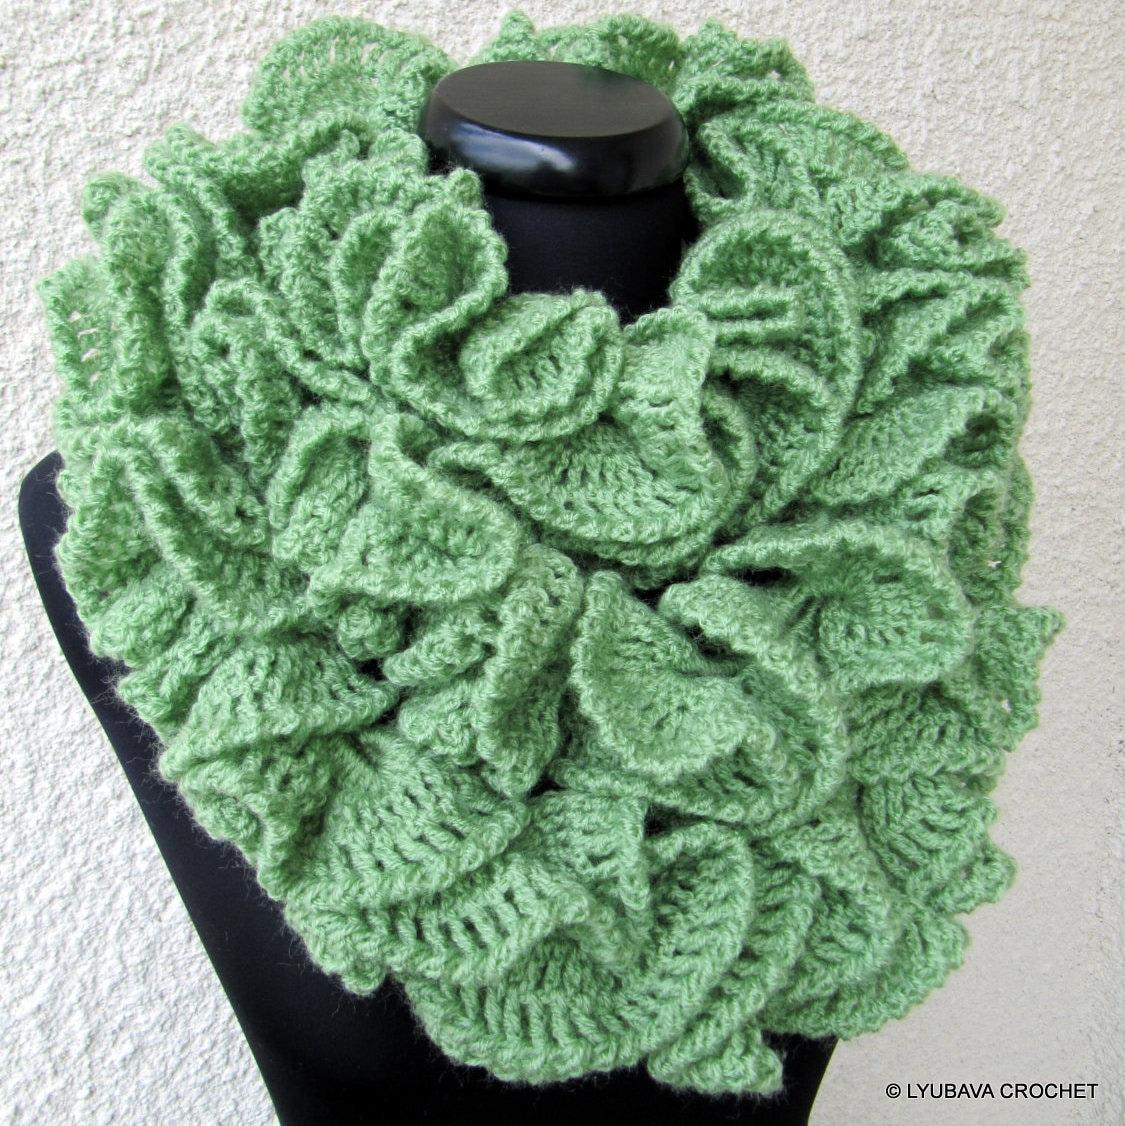 Crochet Pattern Lace Ruffle Scarf : CROCHET SCARF PATTERN Ruffle Scarf Pattern by LyubavaCrochet